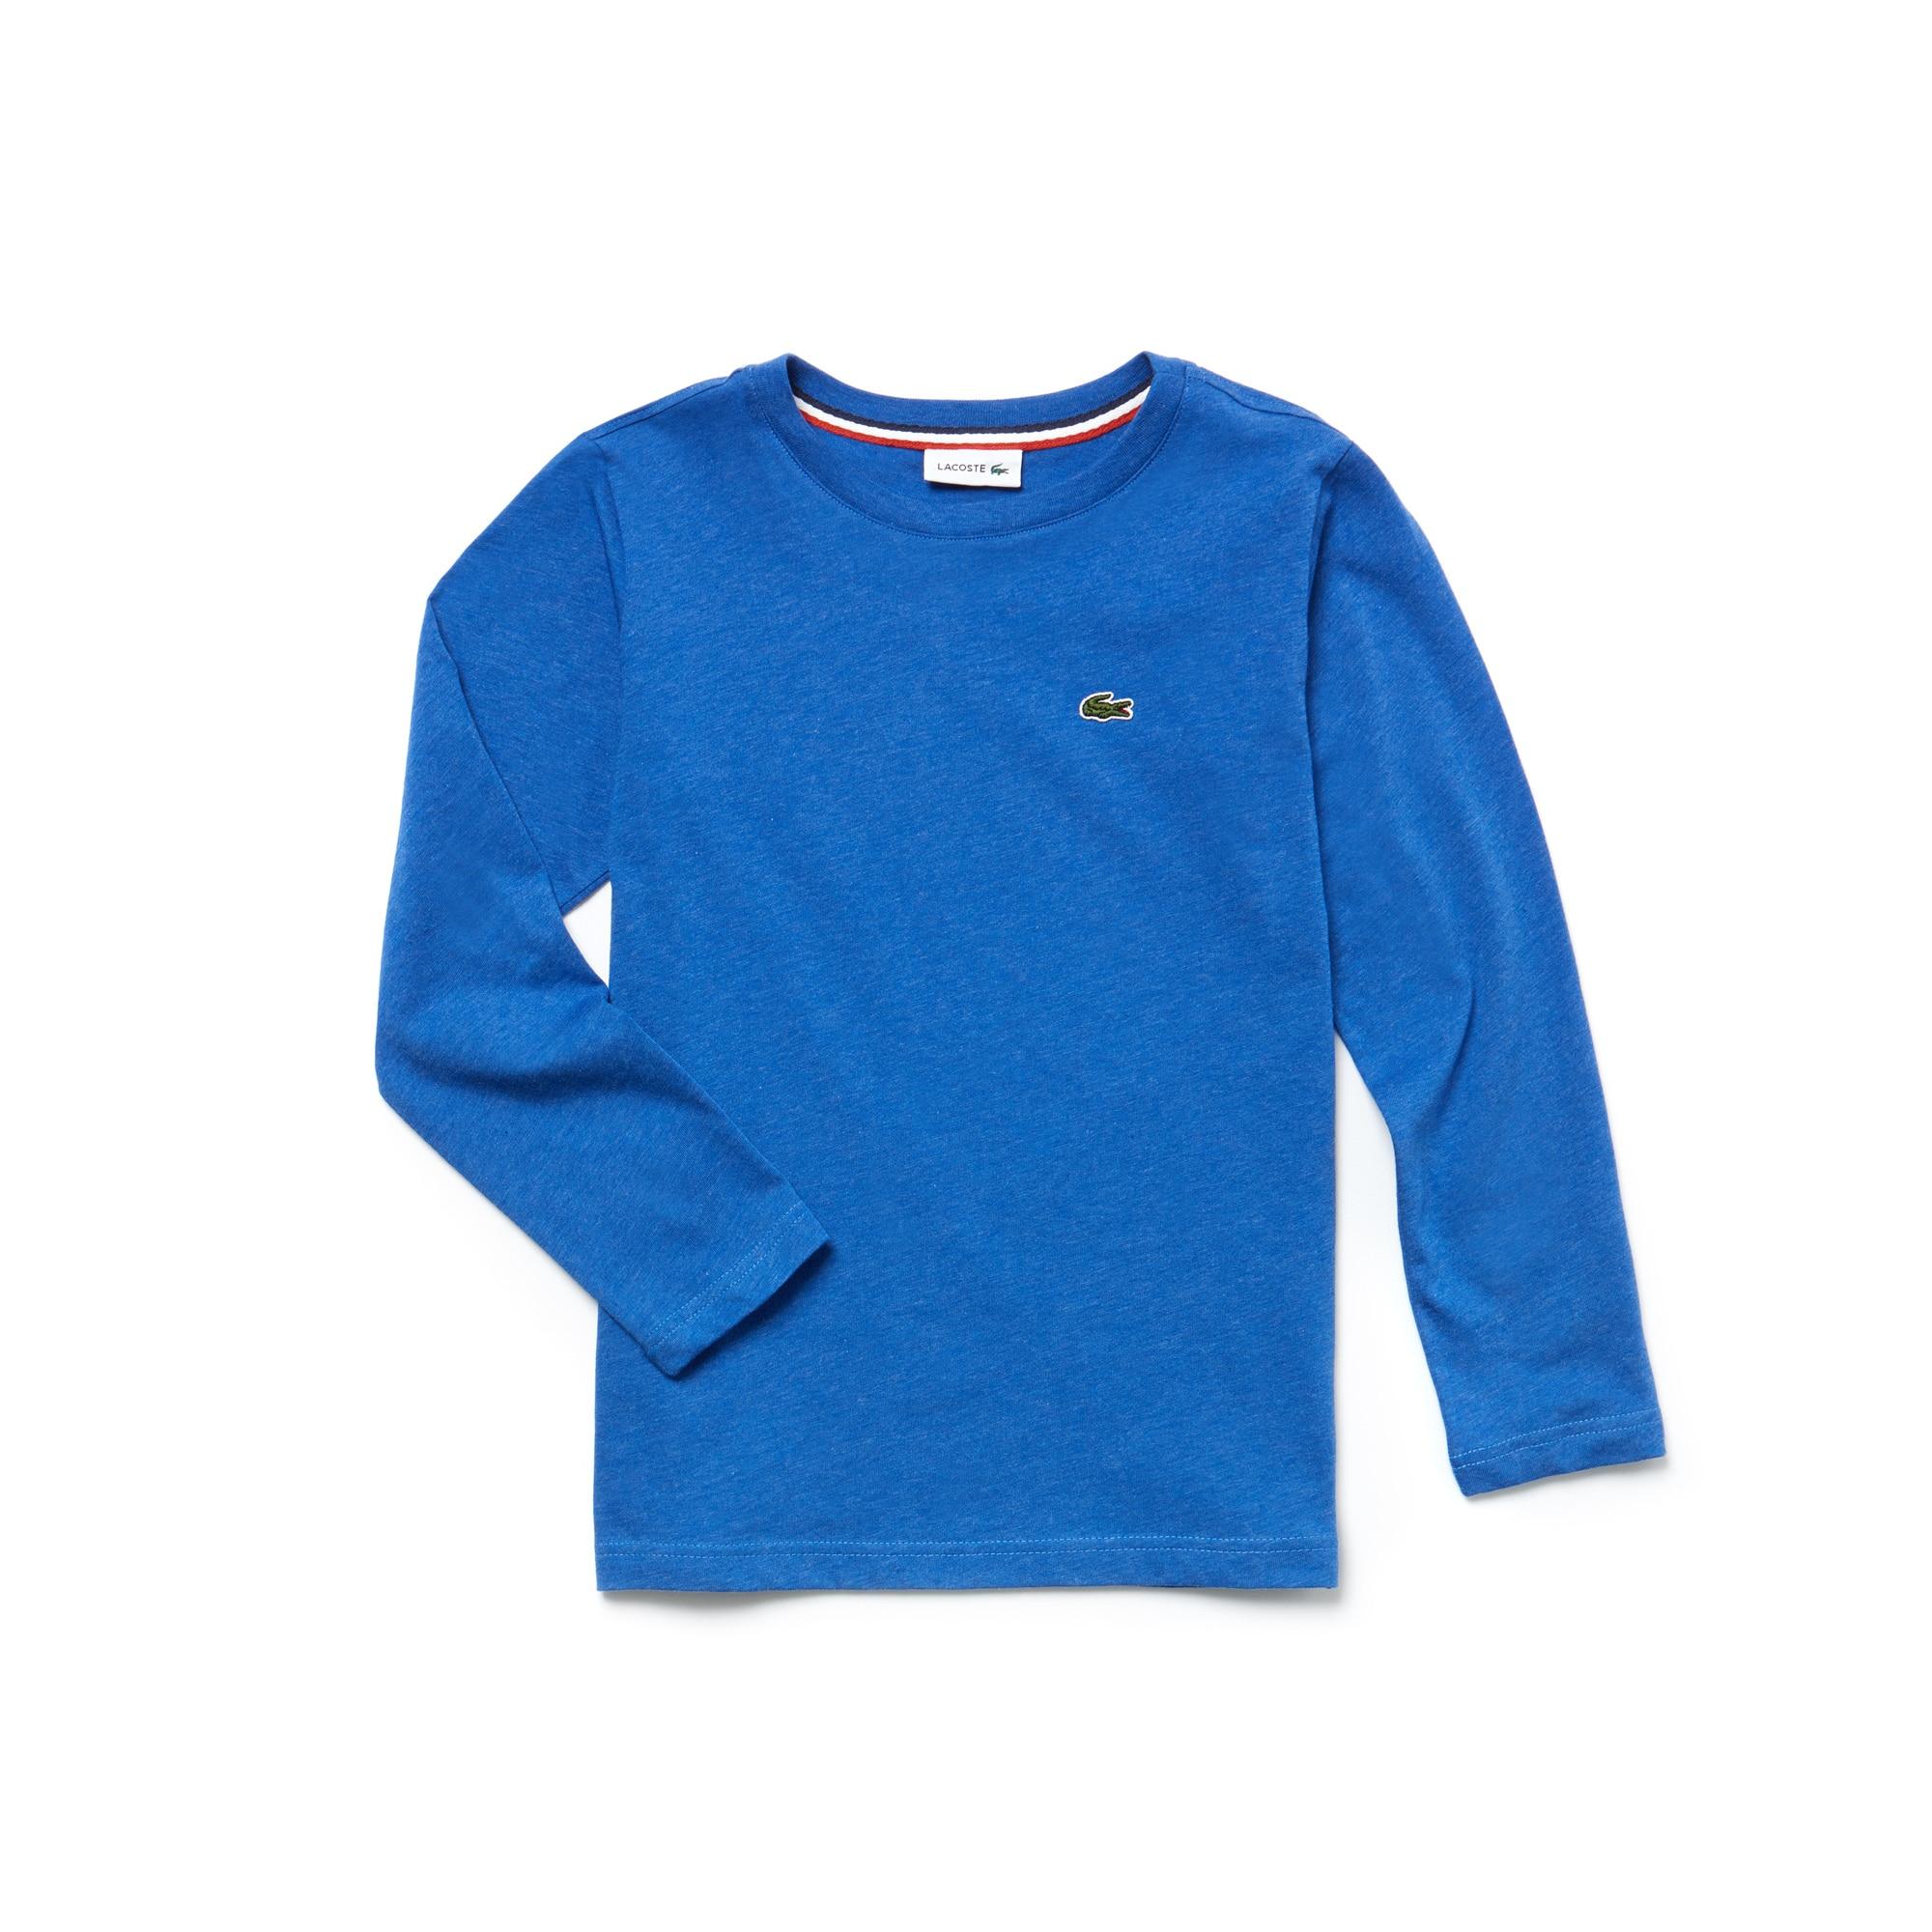 T-shirt Bambino a girocollo con maniche lunghe in jersey tinta unita